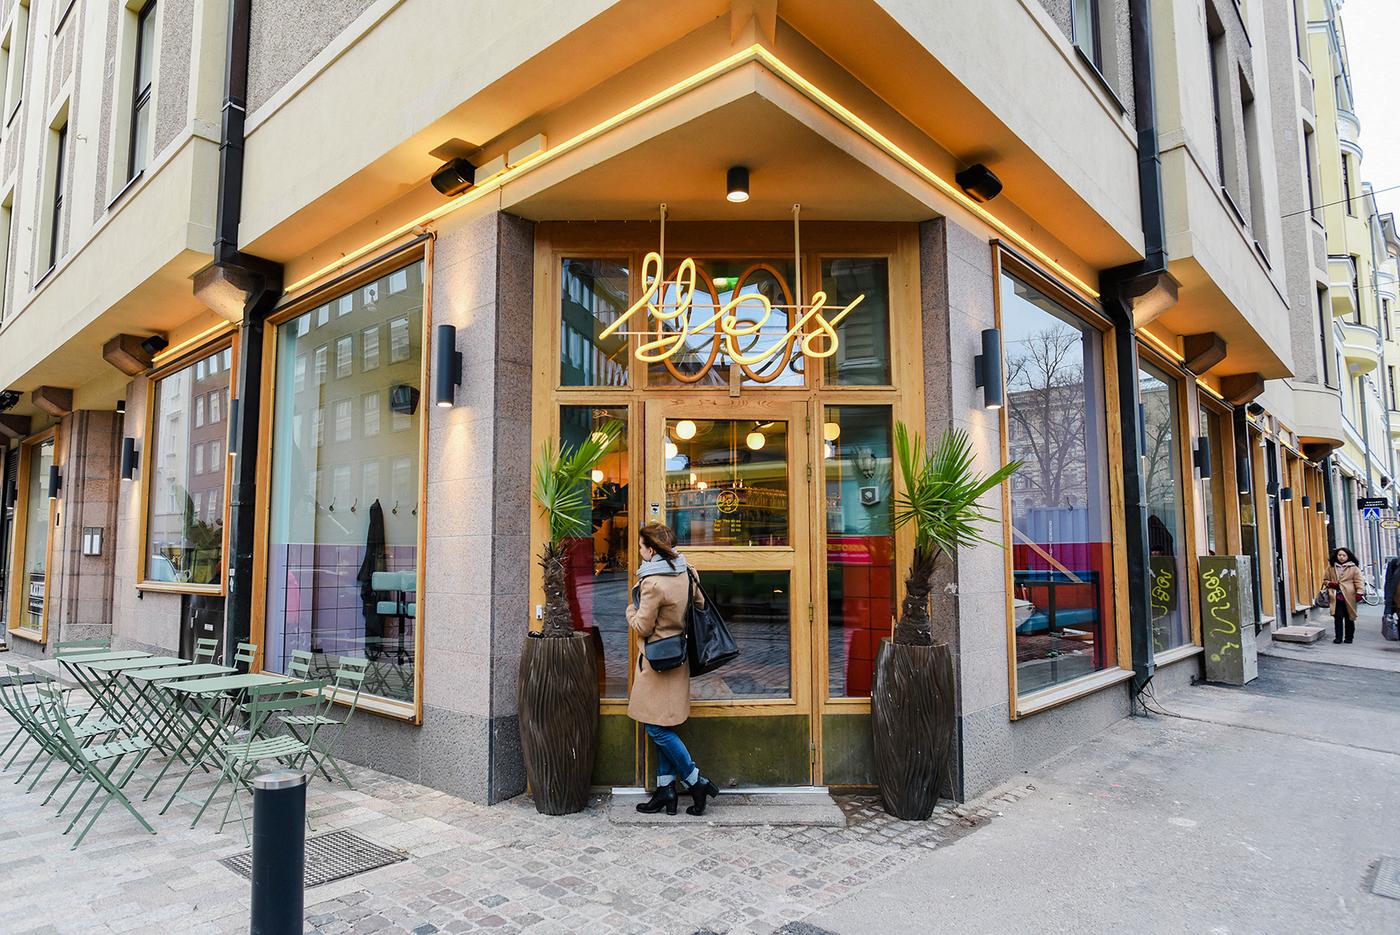 yesyesyes-ravintola-restaurant-helsinki-sundayblondie-10.jpg